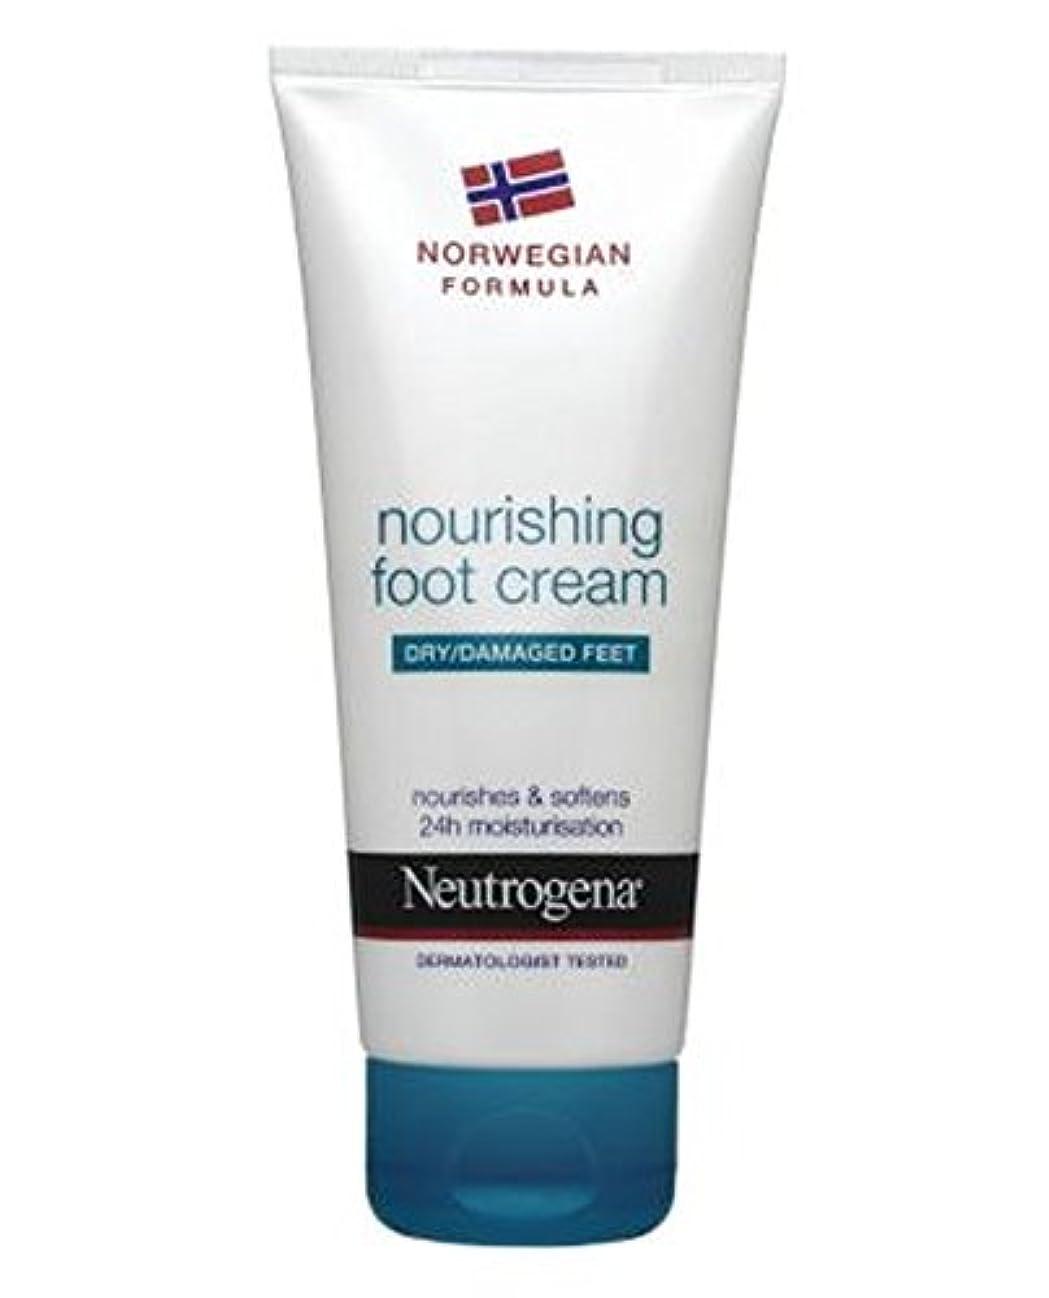 印象派誘惑マルコポーロNeutrogena Norwegian Formula Nourishing Foot Cream For Dry Or Damaged Feet 100ml - 100ミリリットル乾燥または損傷した足のためのニュートロジーナノルウェー式栄養フットクリーム (Neutrogena Norwegian Formula) [並行輸入品]